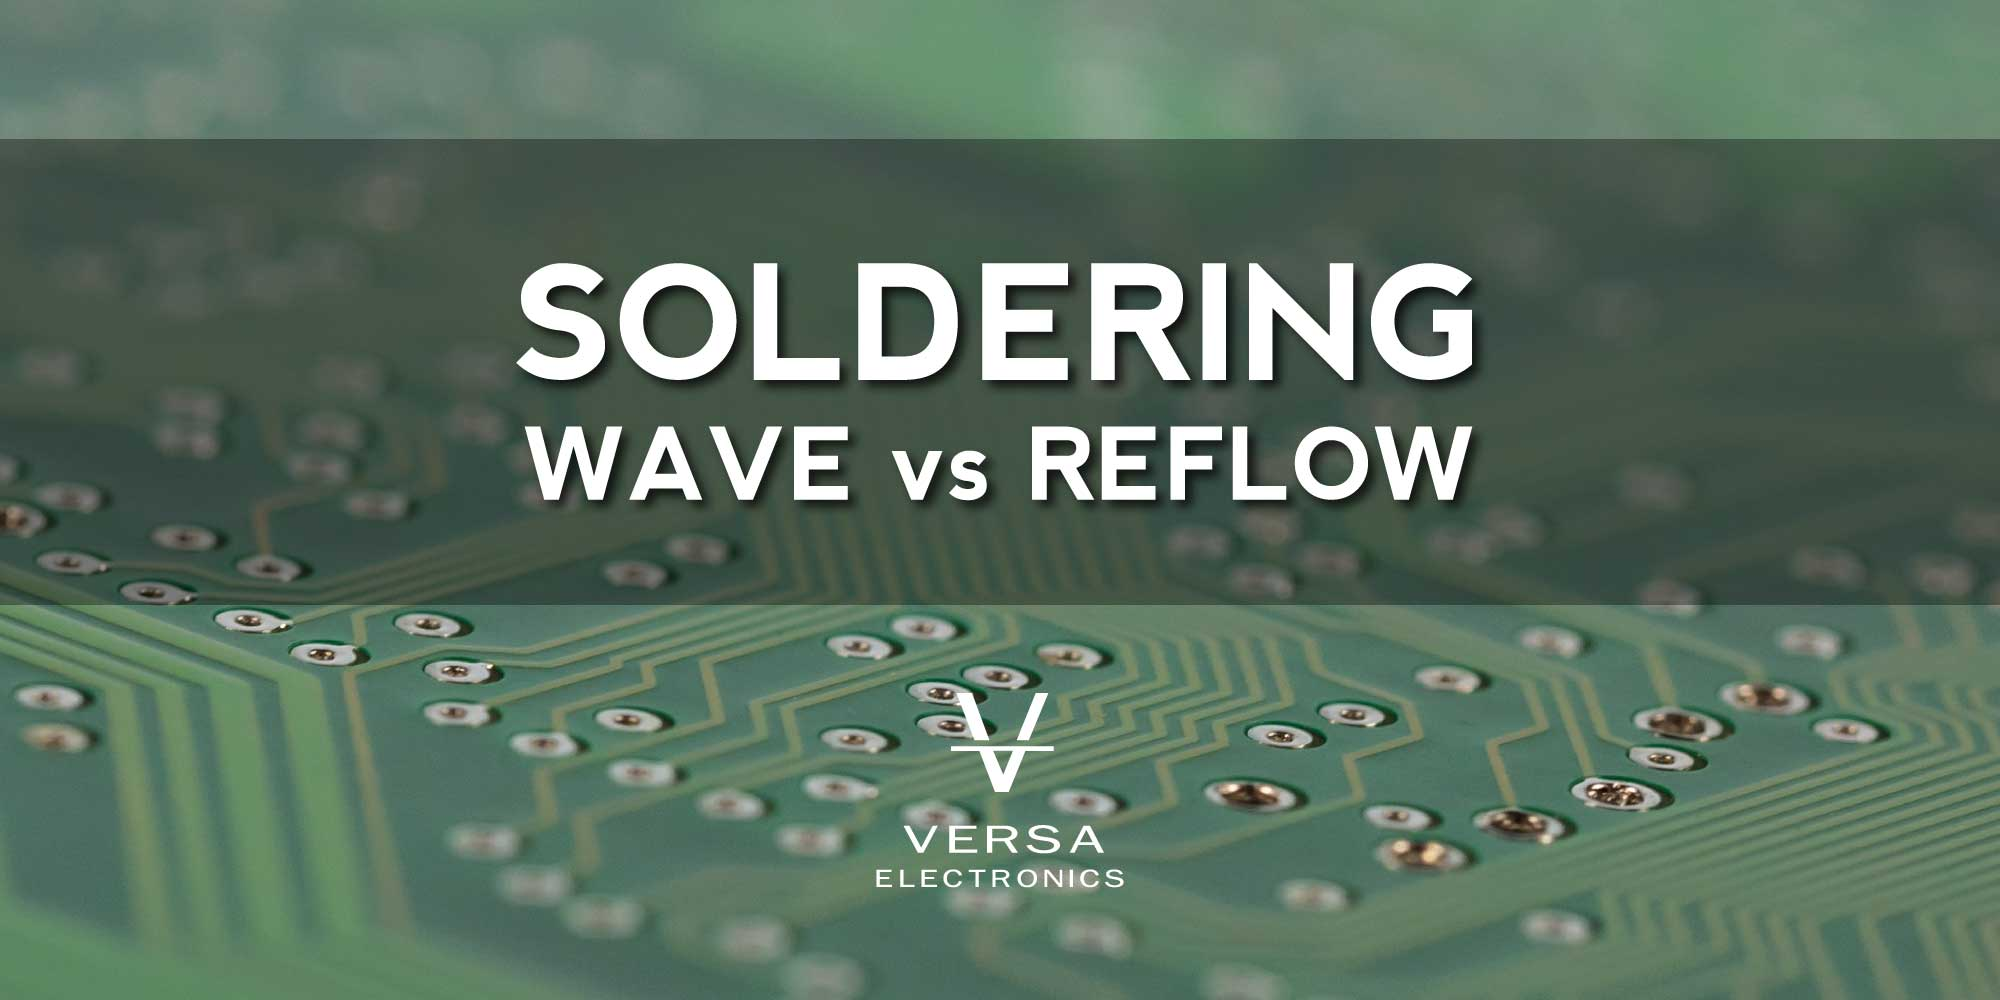 Wave Soldering vs Reflow Soldering